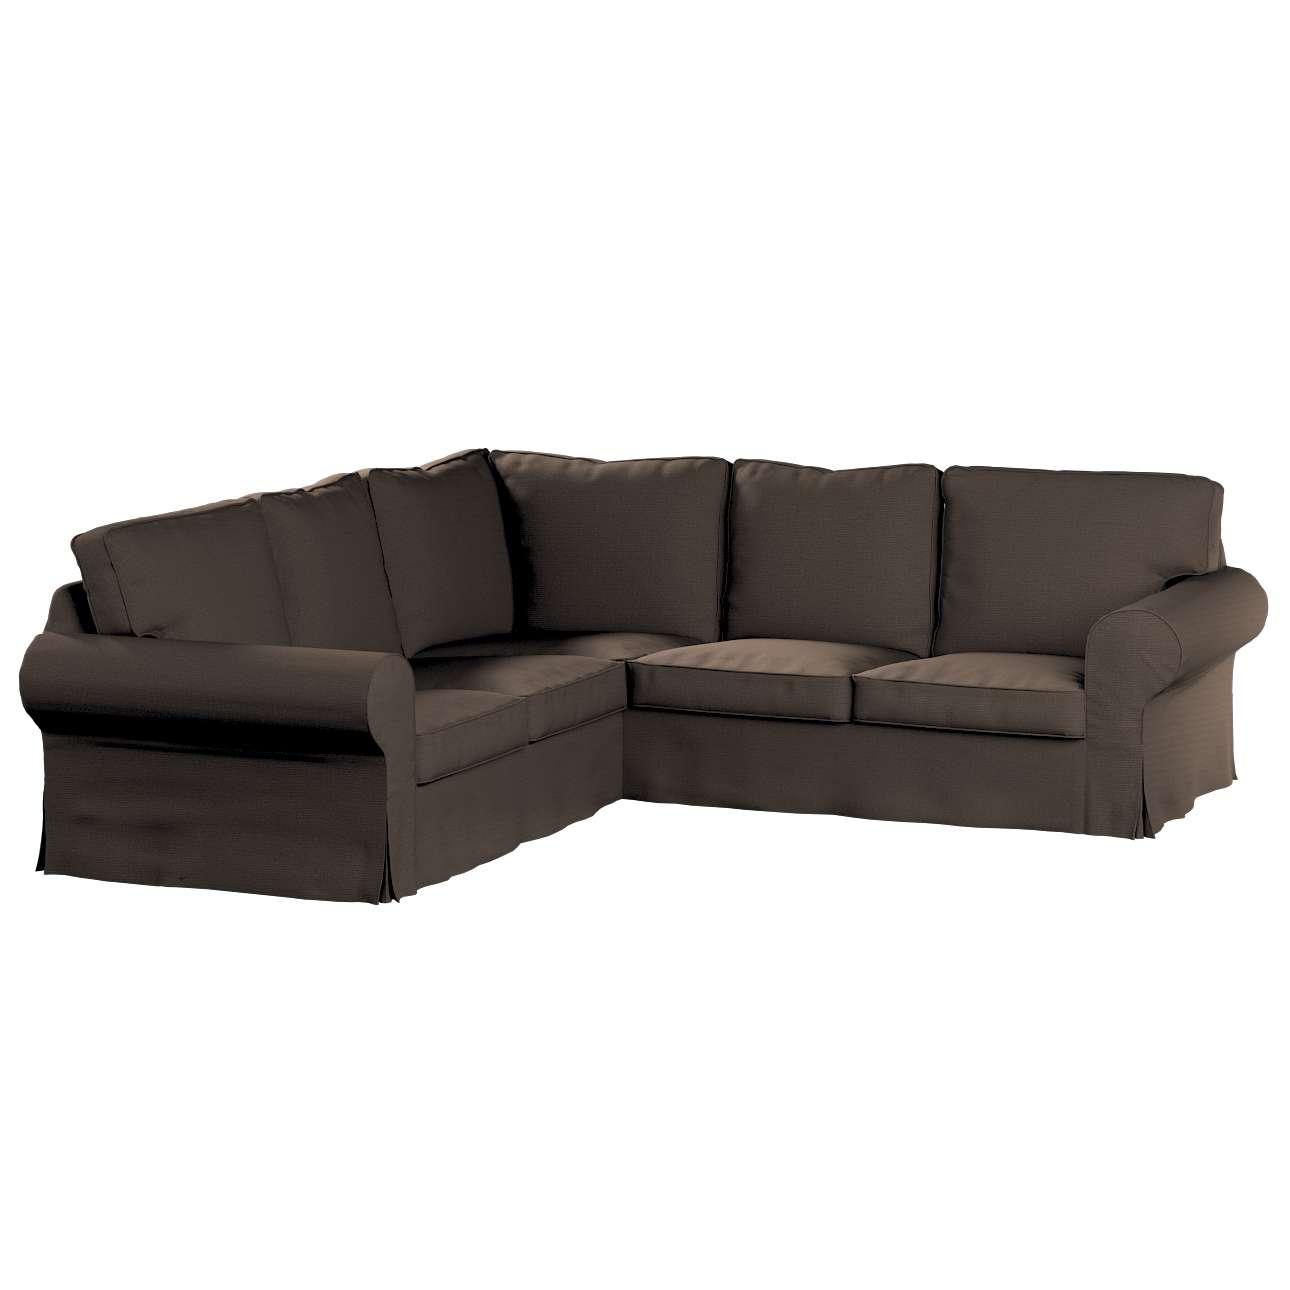 Pokrowiec Ektorp na sofę Sofa Ektorp narożna w kolekcji Etna , tkanina: 705-08